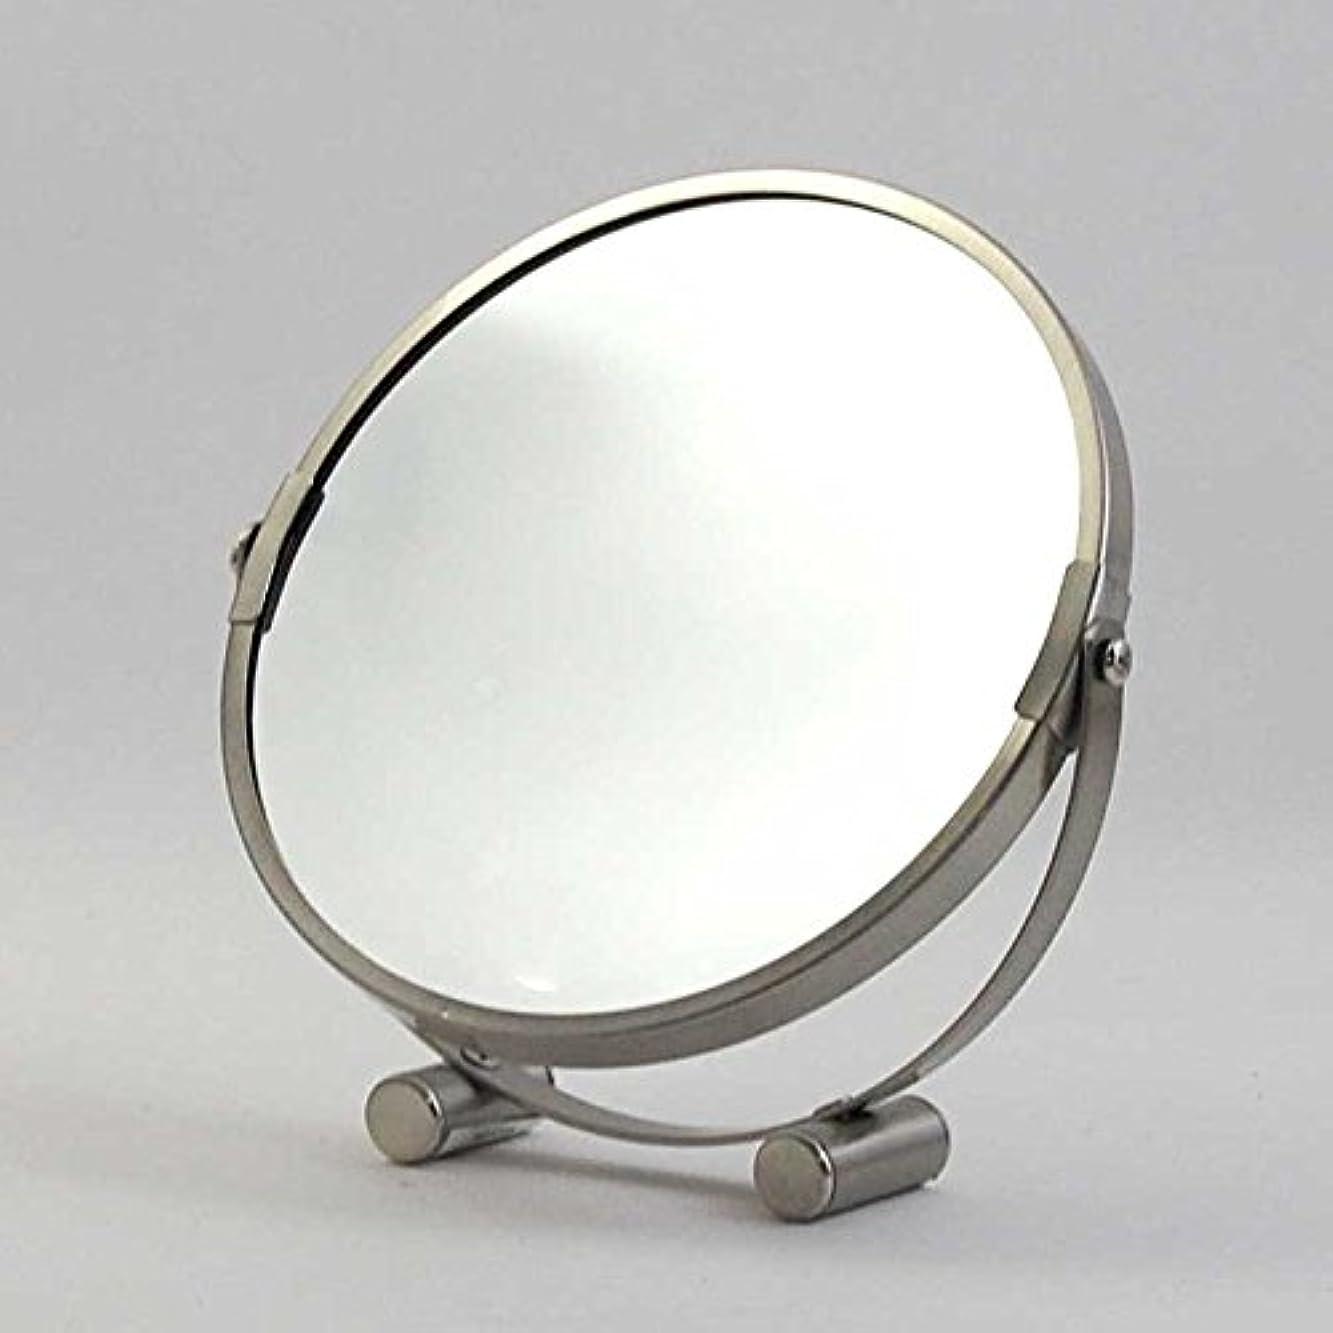 保持乱す怠感卓上ミラー ダルトン ROUND MIRROR ラウンド ミラー A655-723 丸型 両面鏡 拡大鏡付